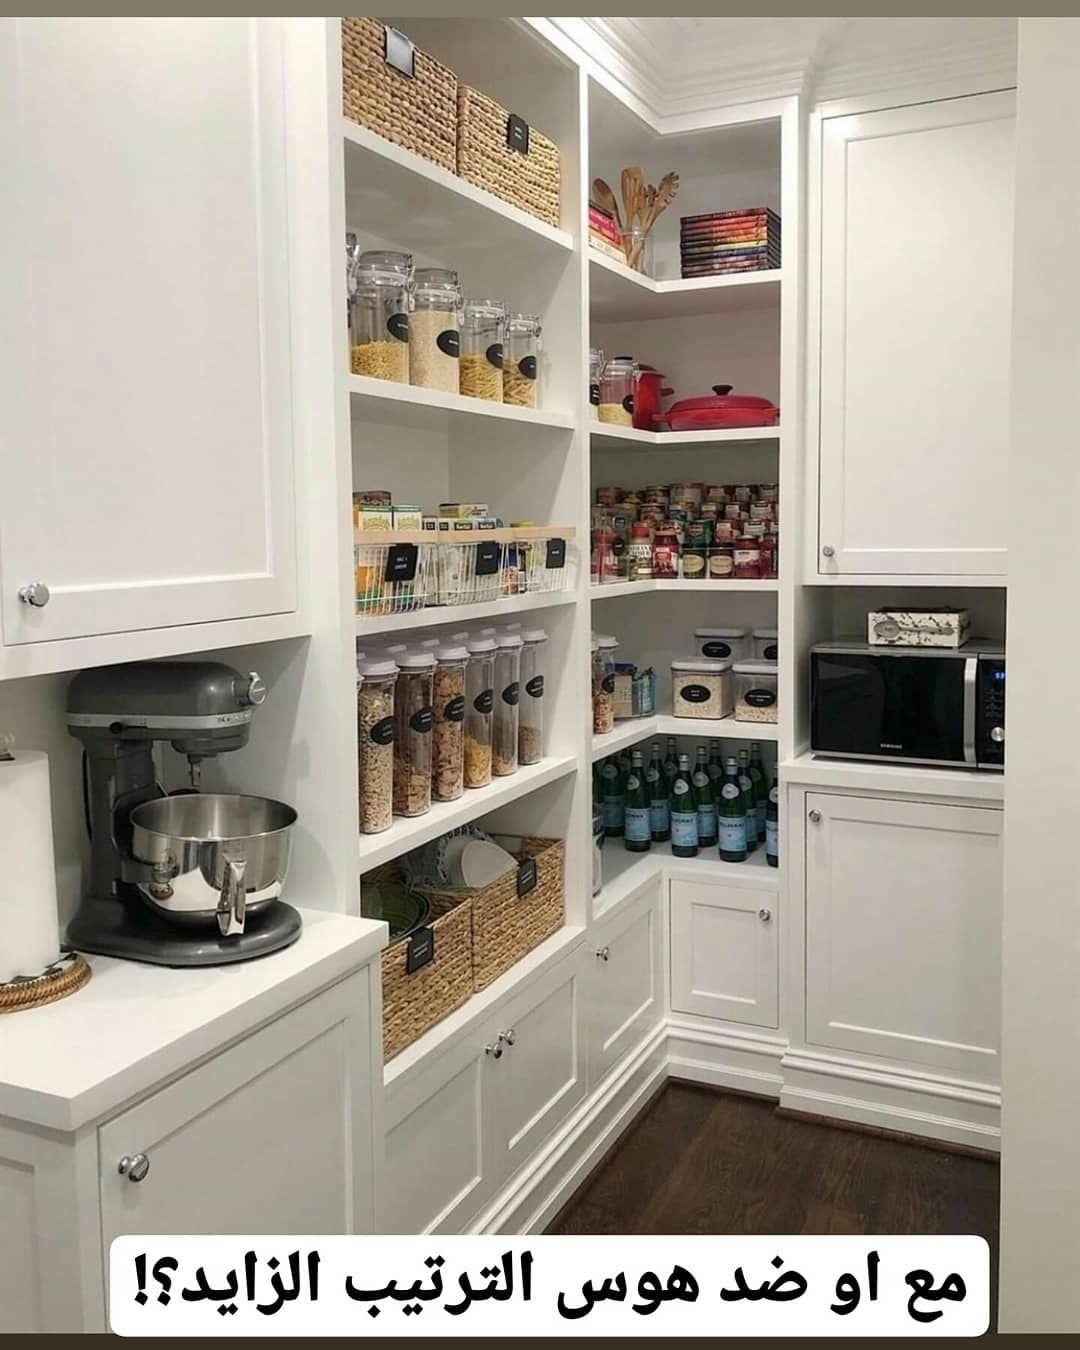 ديكور S Instagram Photo مع او ضد برعاية Qasr Alkhazayin2 غرف نوم جاهز تفصيل حسب الطلب Kitchen Pantry Design Pantry Design Kitchen Inspirations